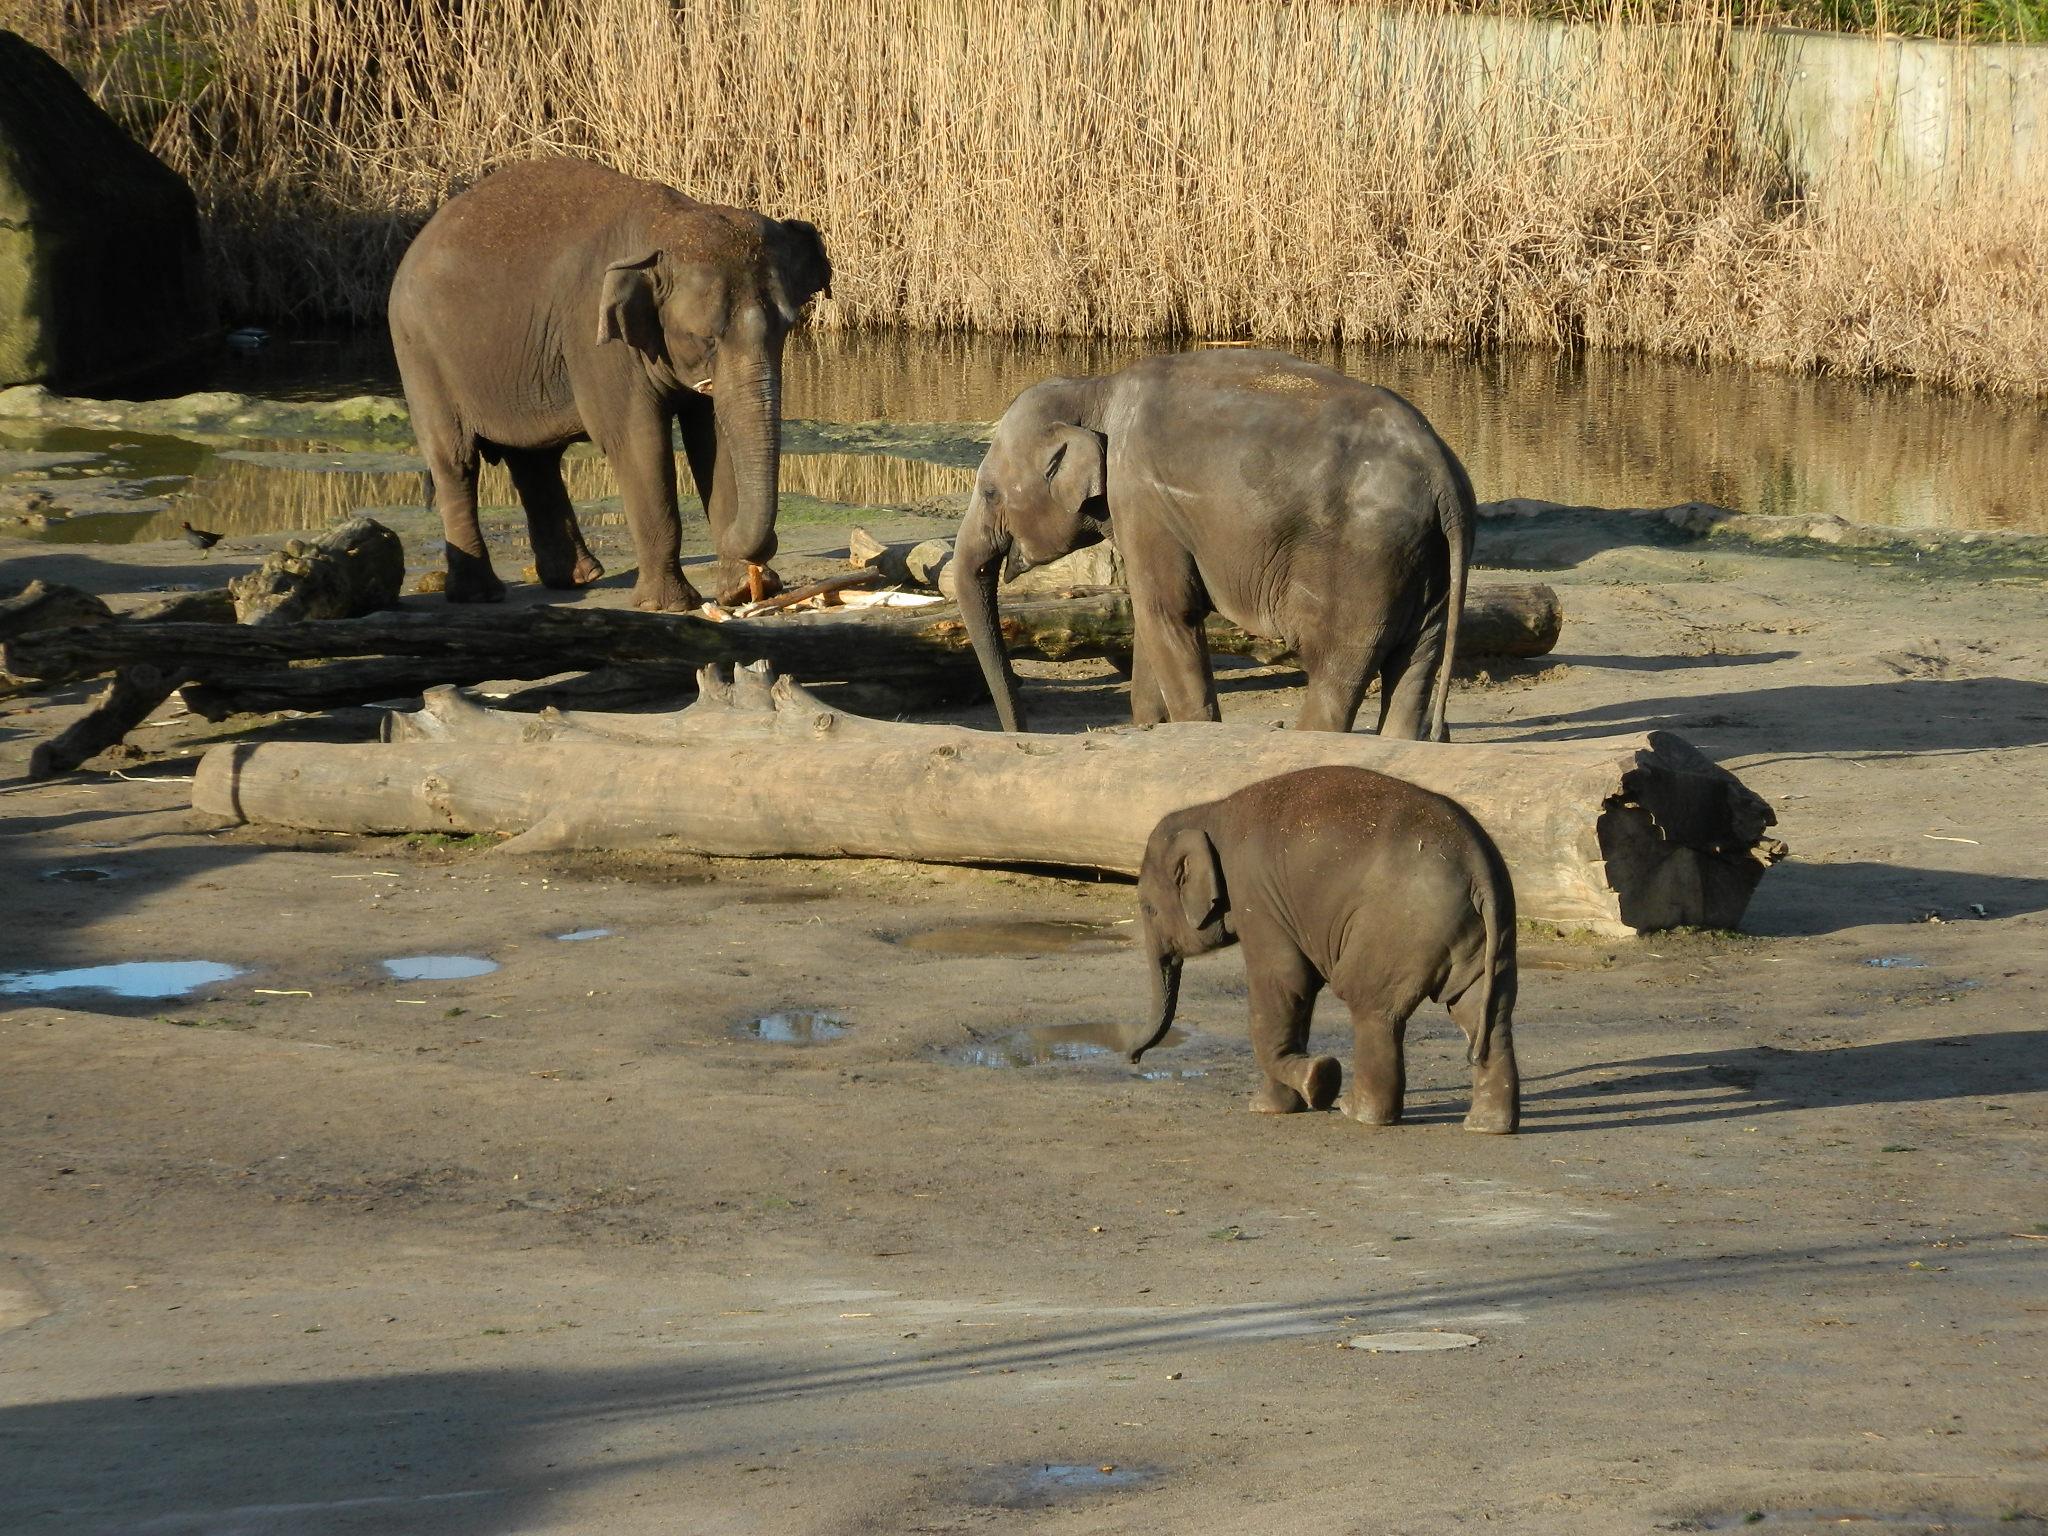 Elefantes en el zoológico de Colonia